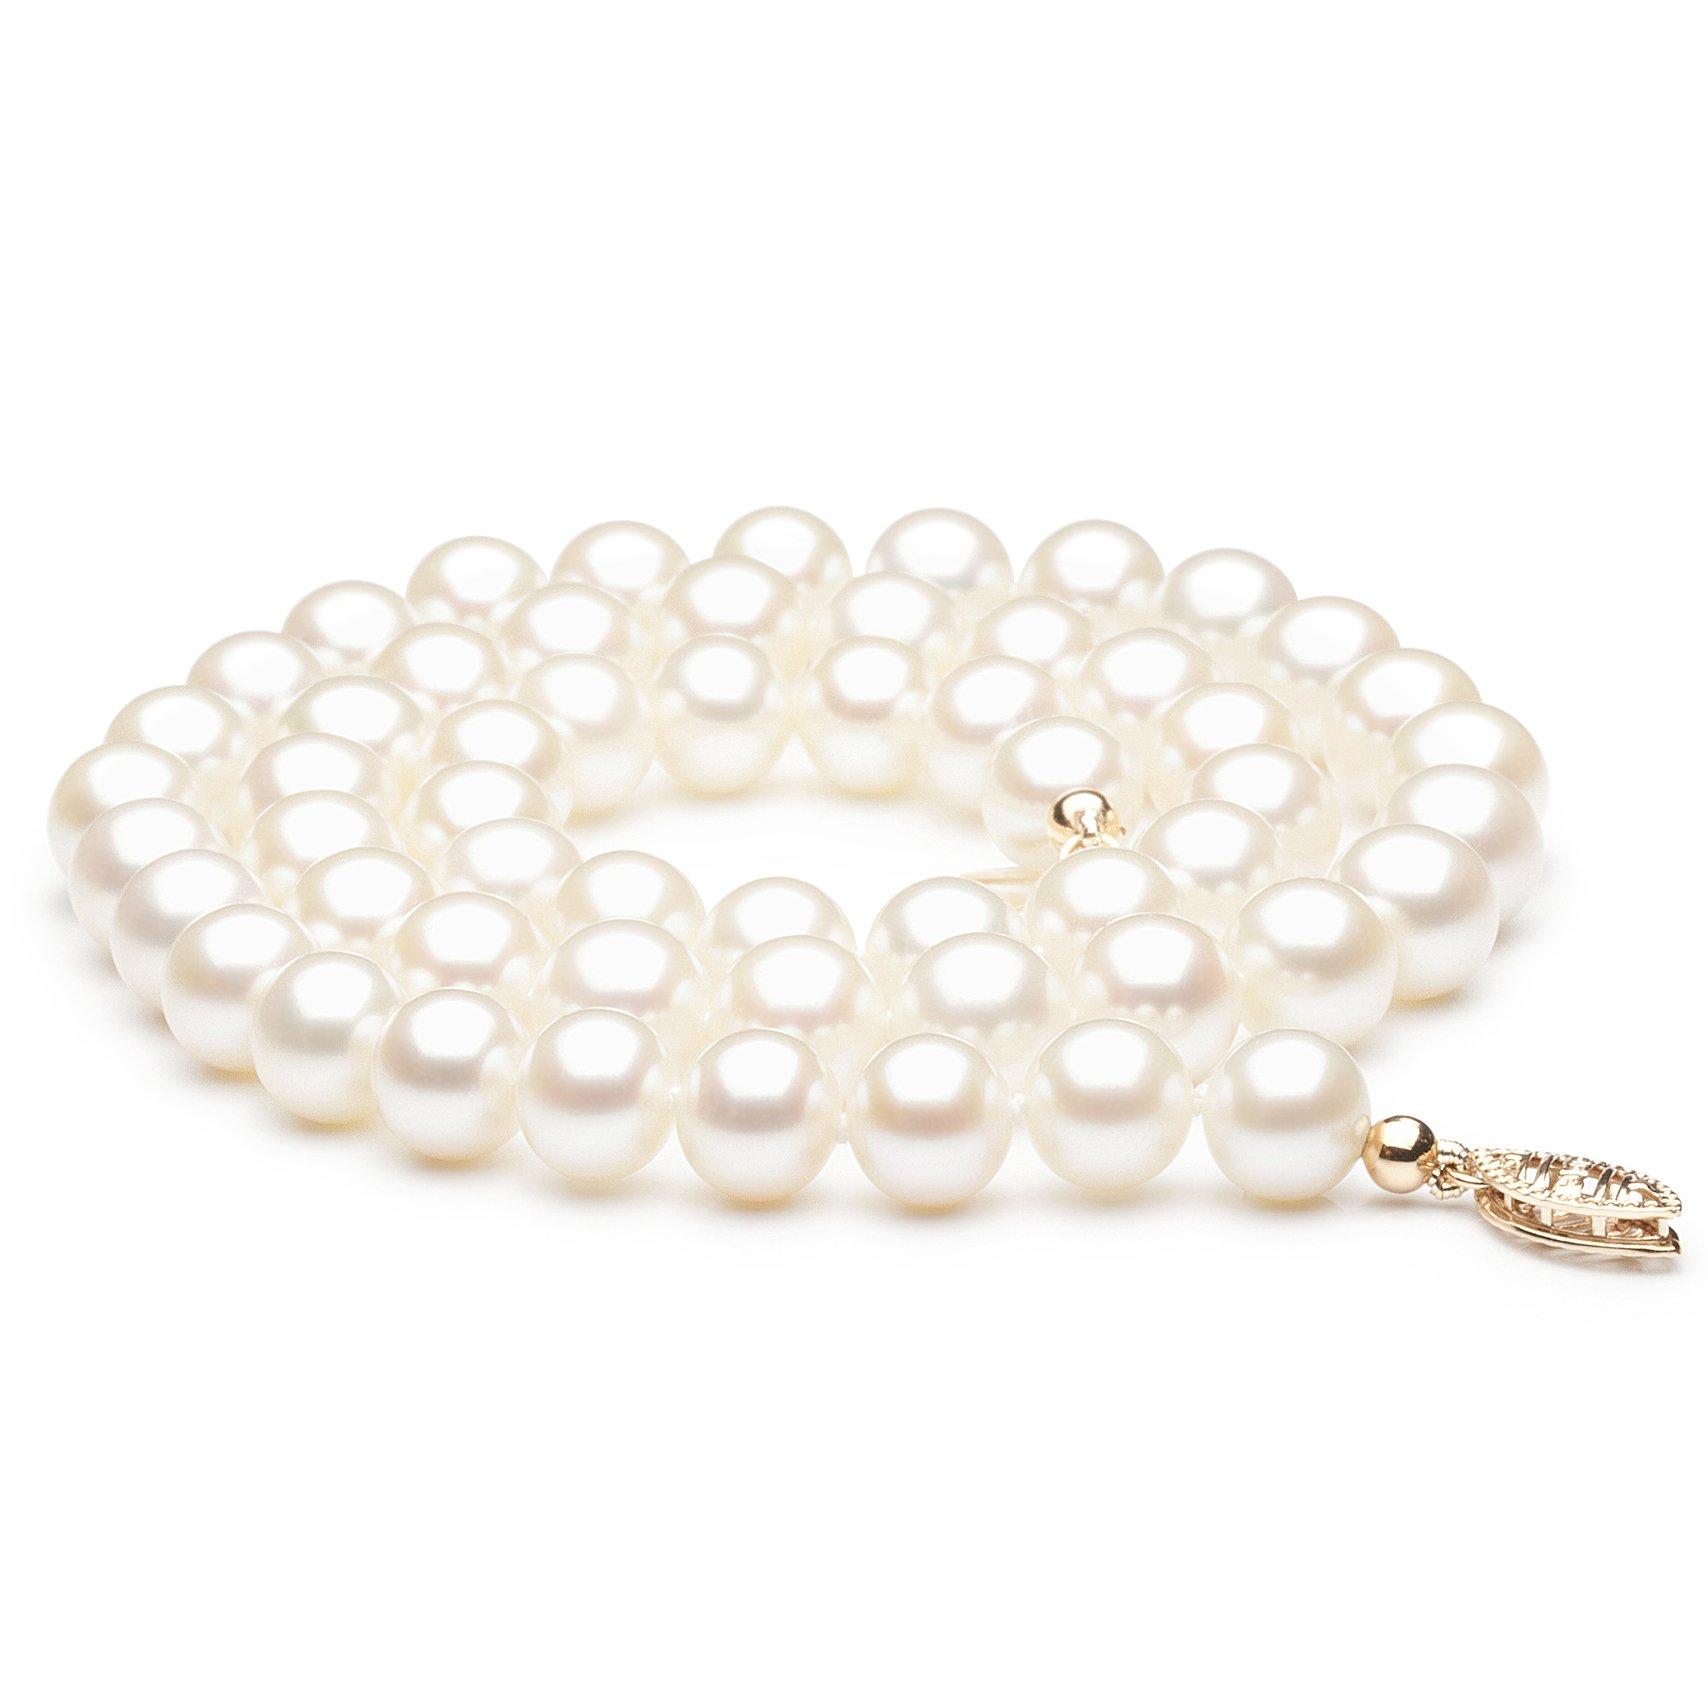 Collier en perles de culture d'eau douce